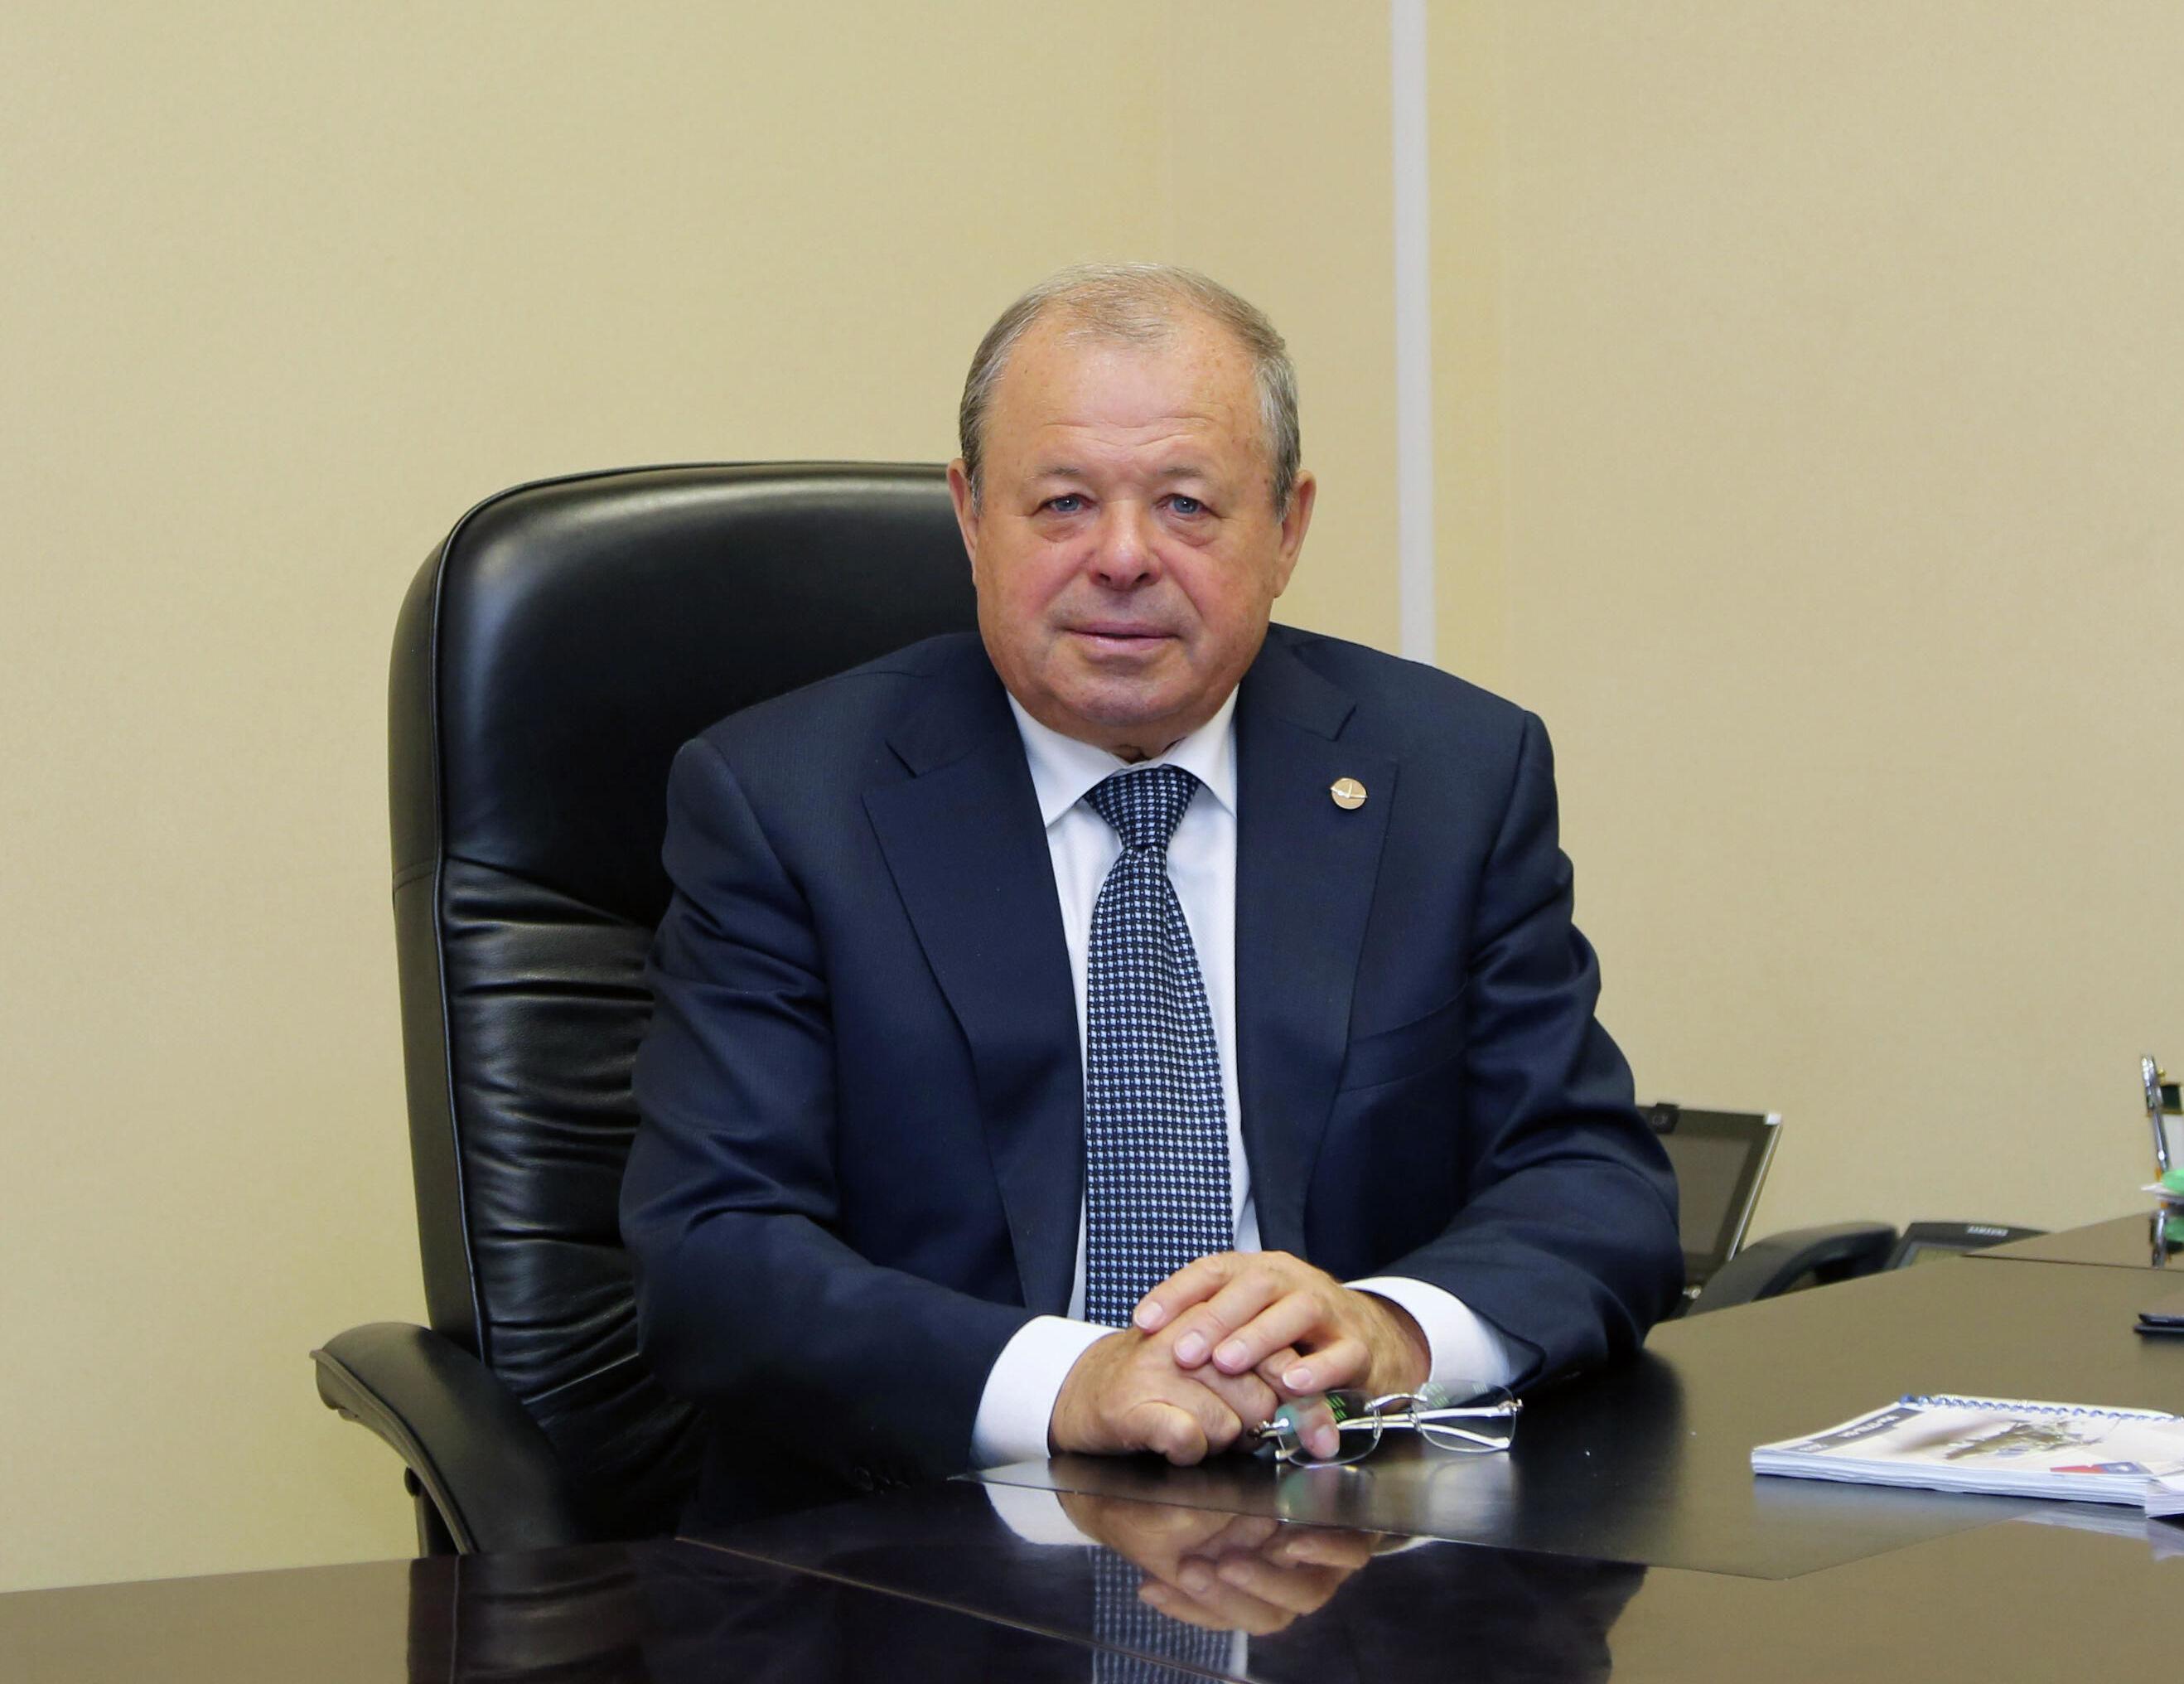 مدير مصنع الطائرات بمدينة أولان أودي، ليونيد بيليخ